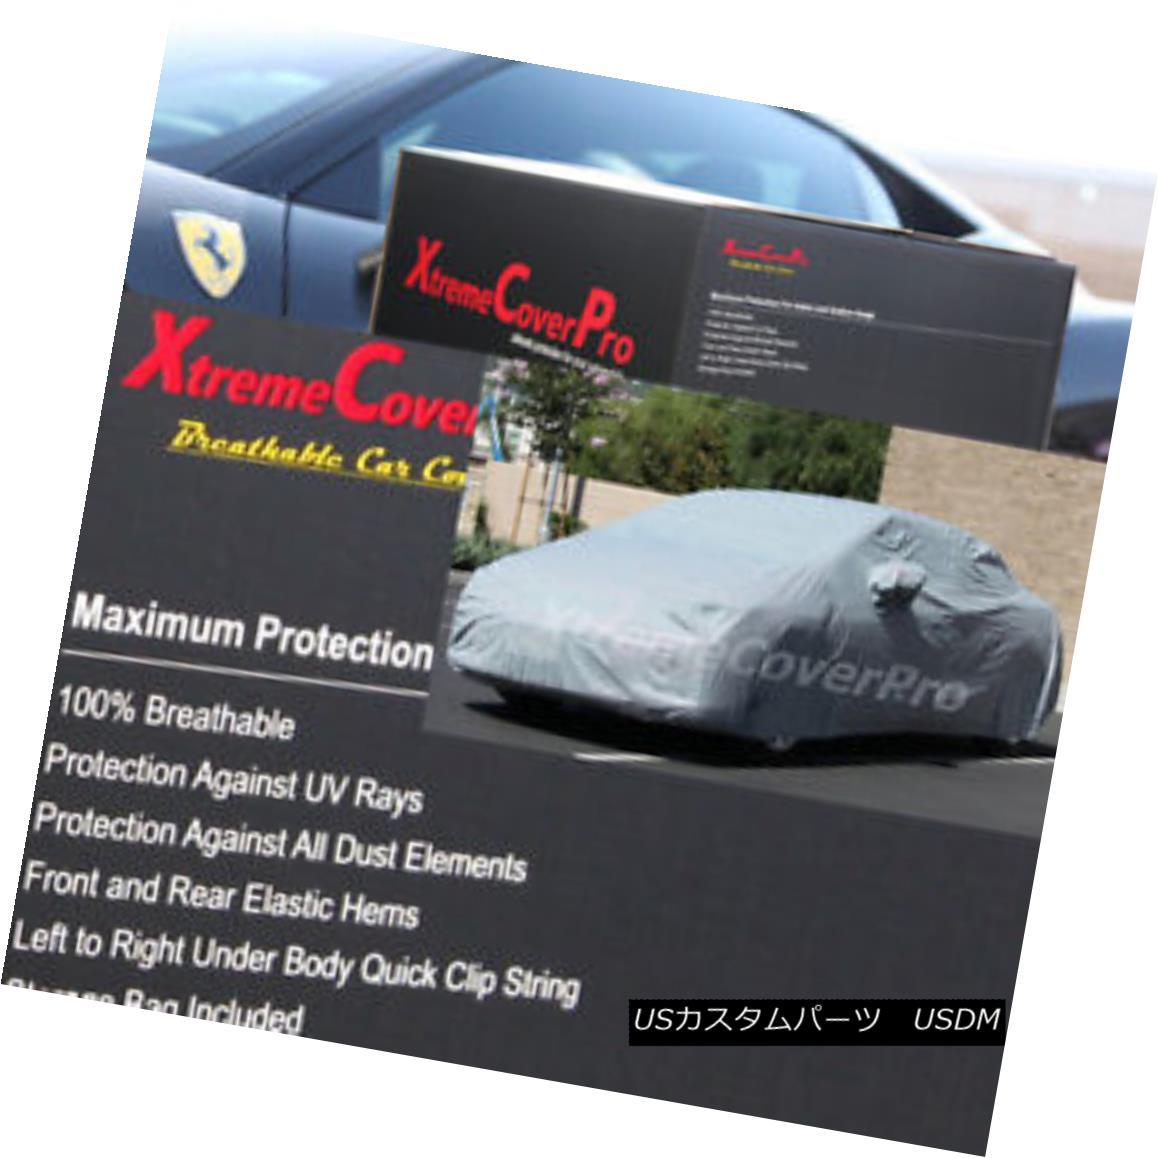 カーカバー 2016 LEXUS IS200t IS300 I350 IS-F BREATHABLE CAR COVER W/MIRROR POCKET GREY 2016レクサスIS200t IS300 I350 IS-Fブレークスルーカーカバー付き/ミラーポケットグレー